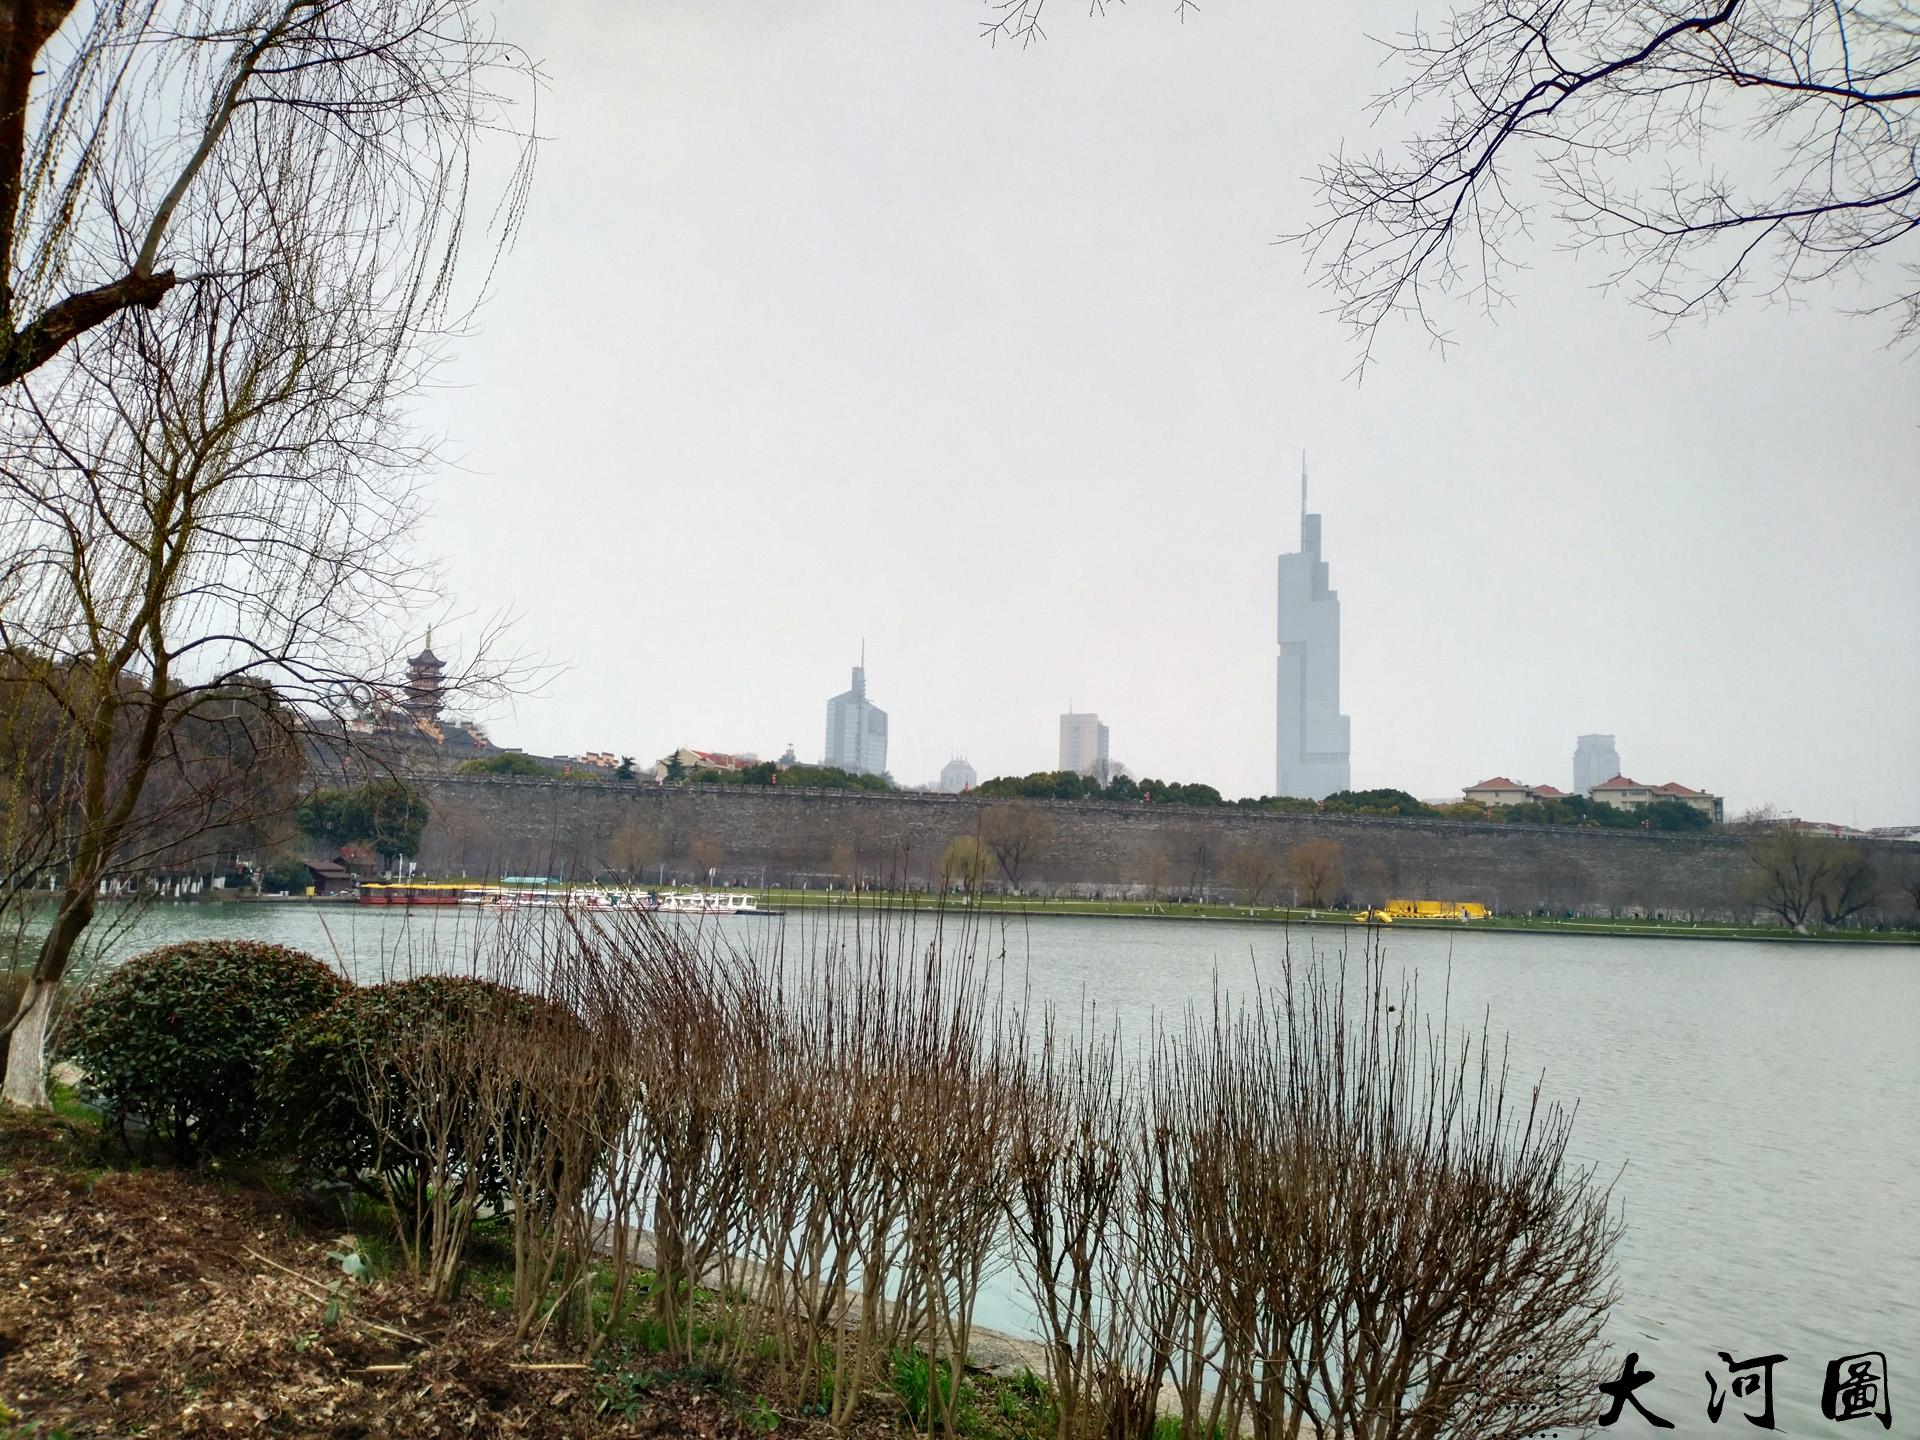 2019年3月的南京玄武湖公园之旅 摄影 第9张